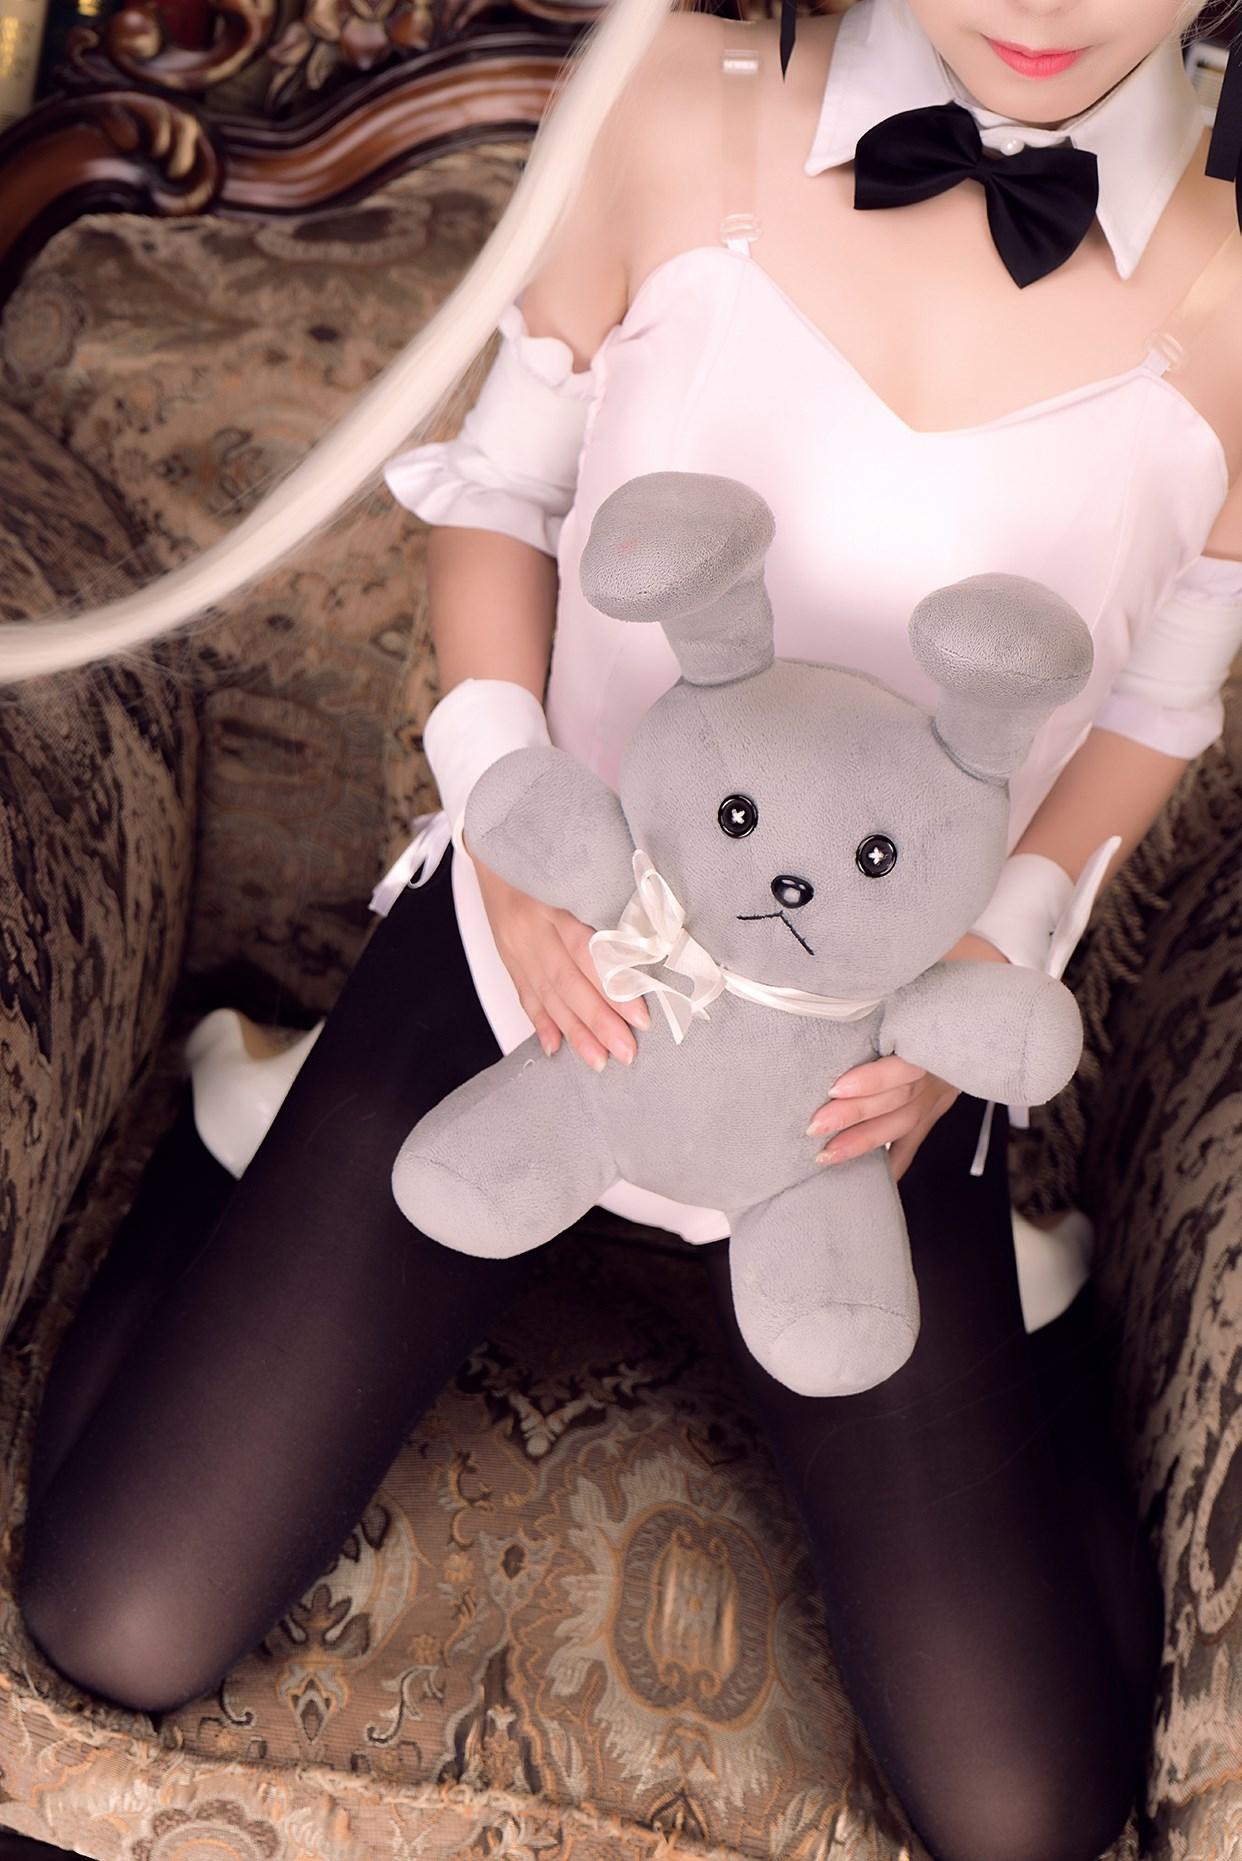 【兔玩映画】兔女郎vol.15-穹妹 兔玩映画 第12张